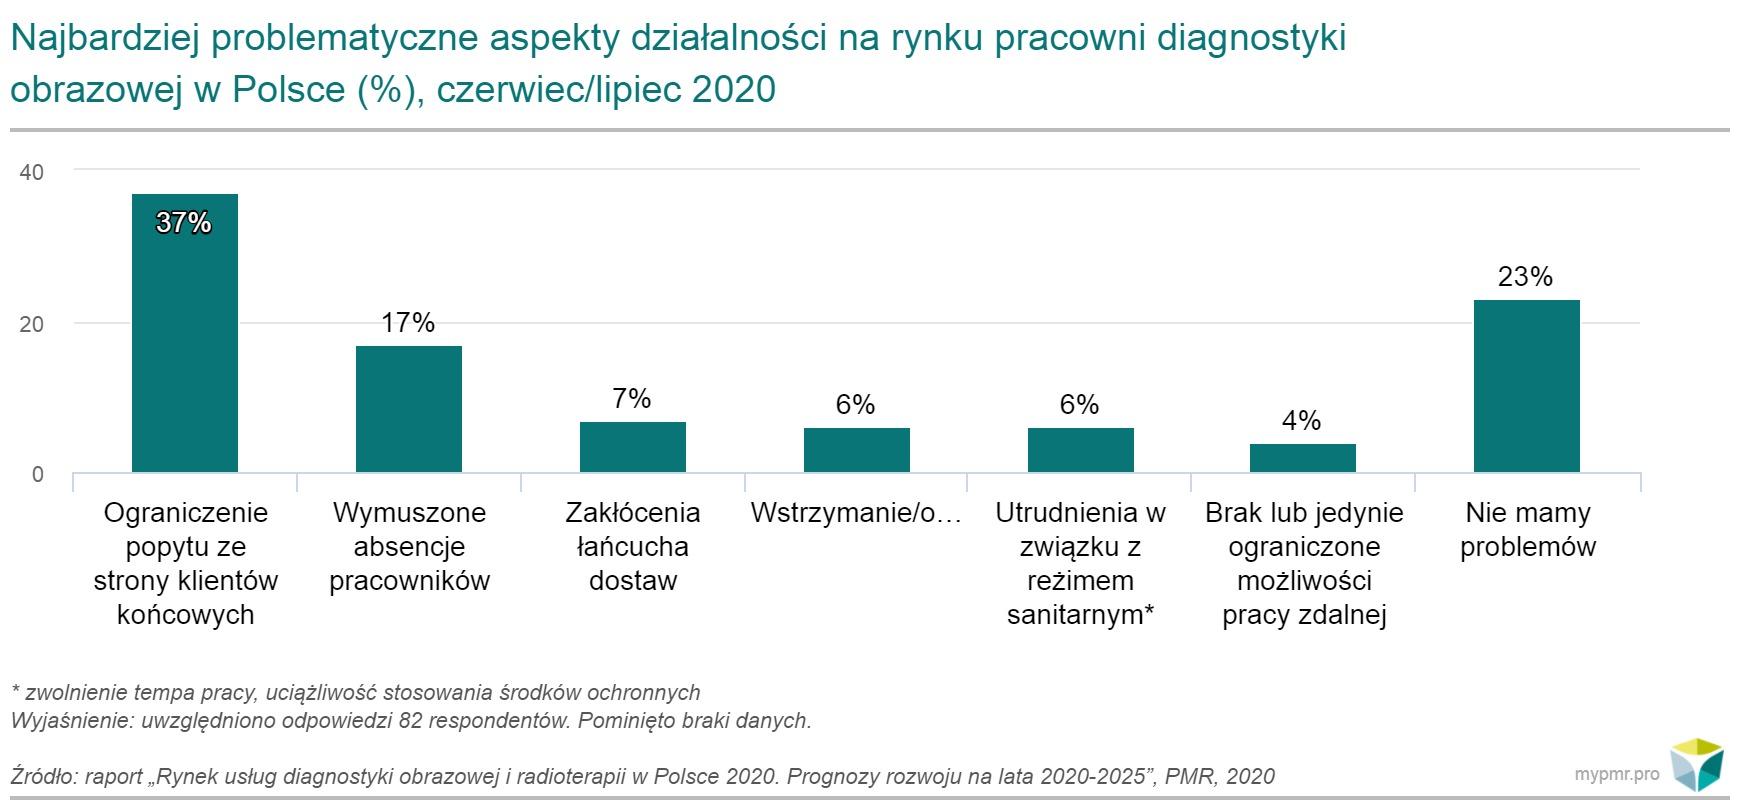 diagnostyka obrazowa wykres